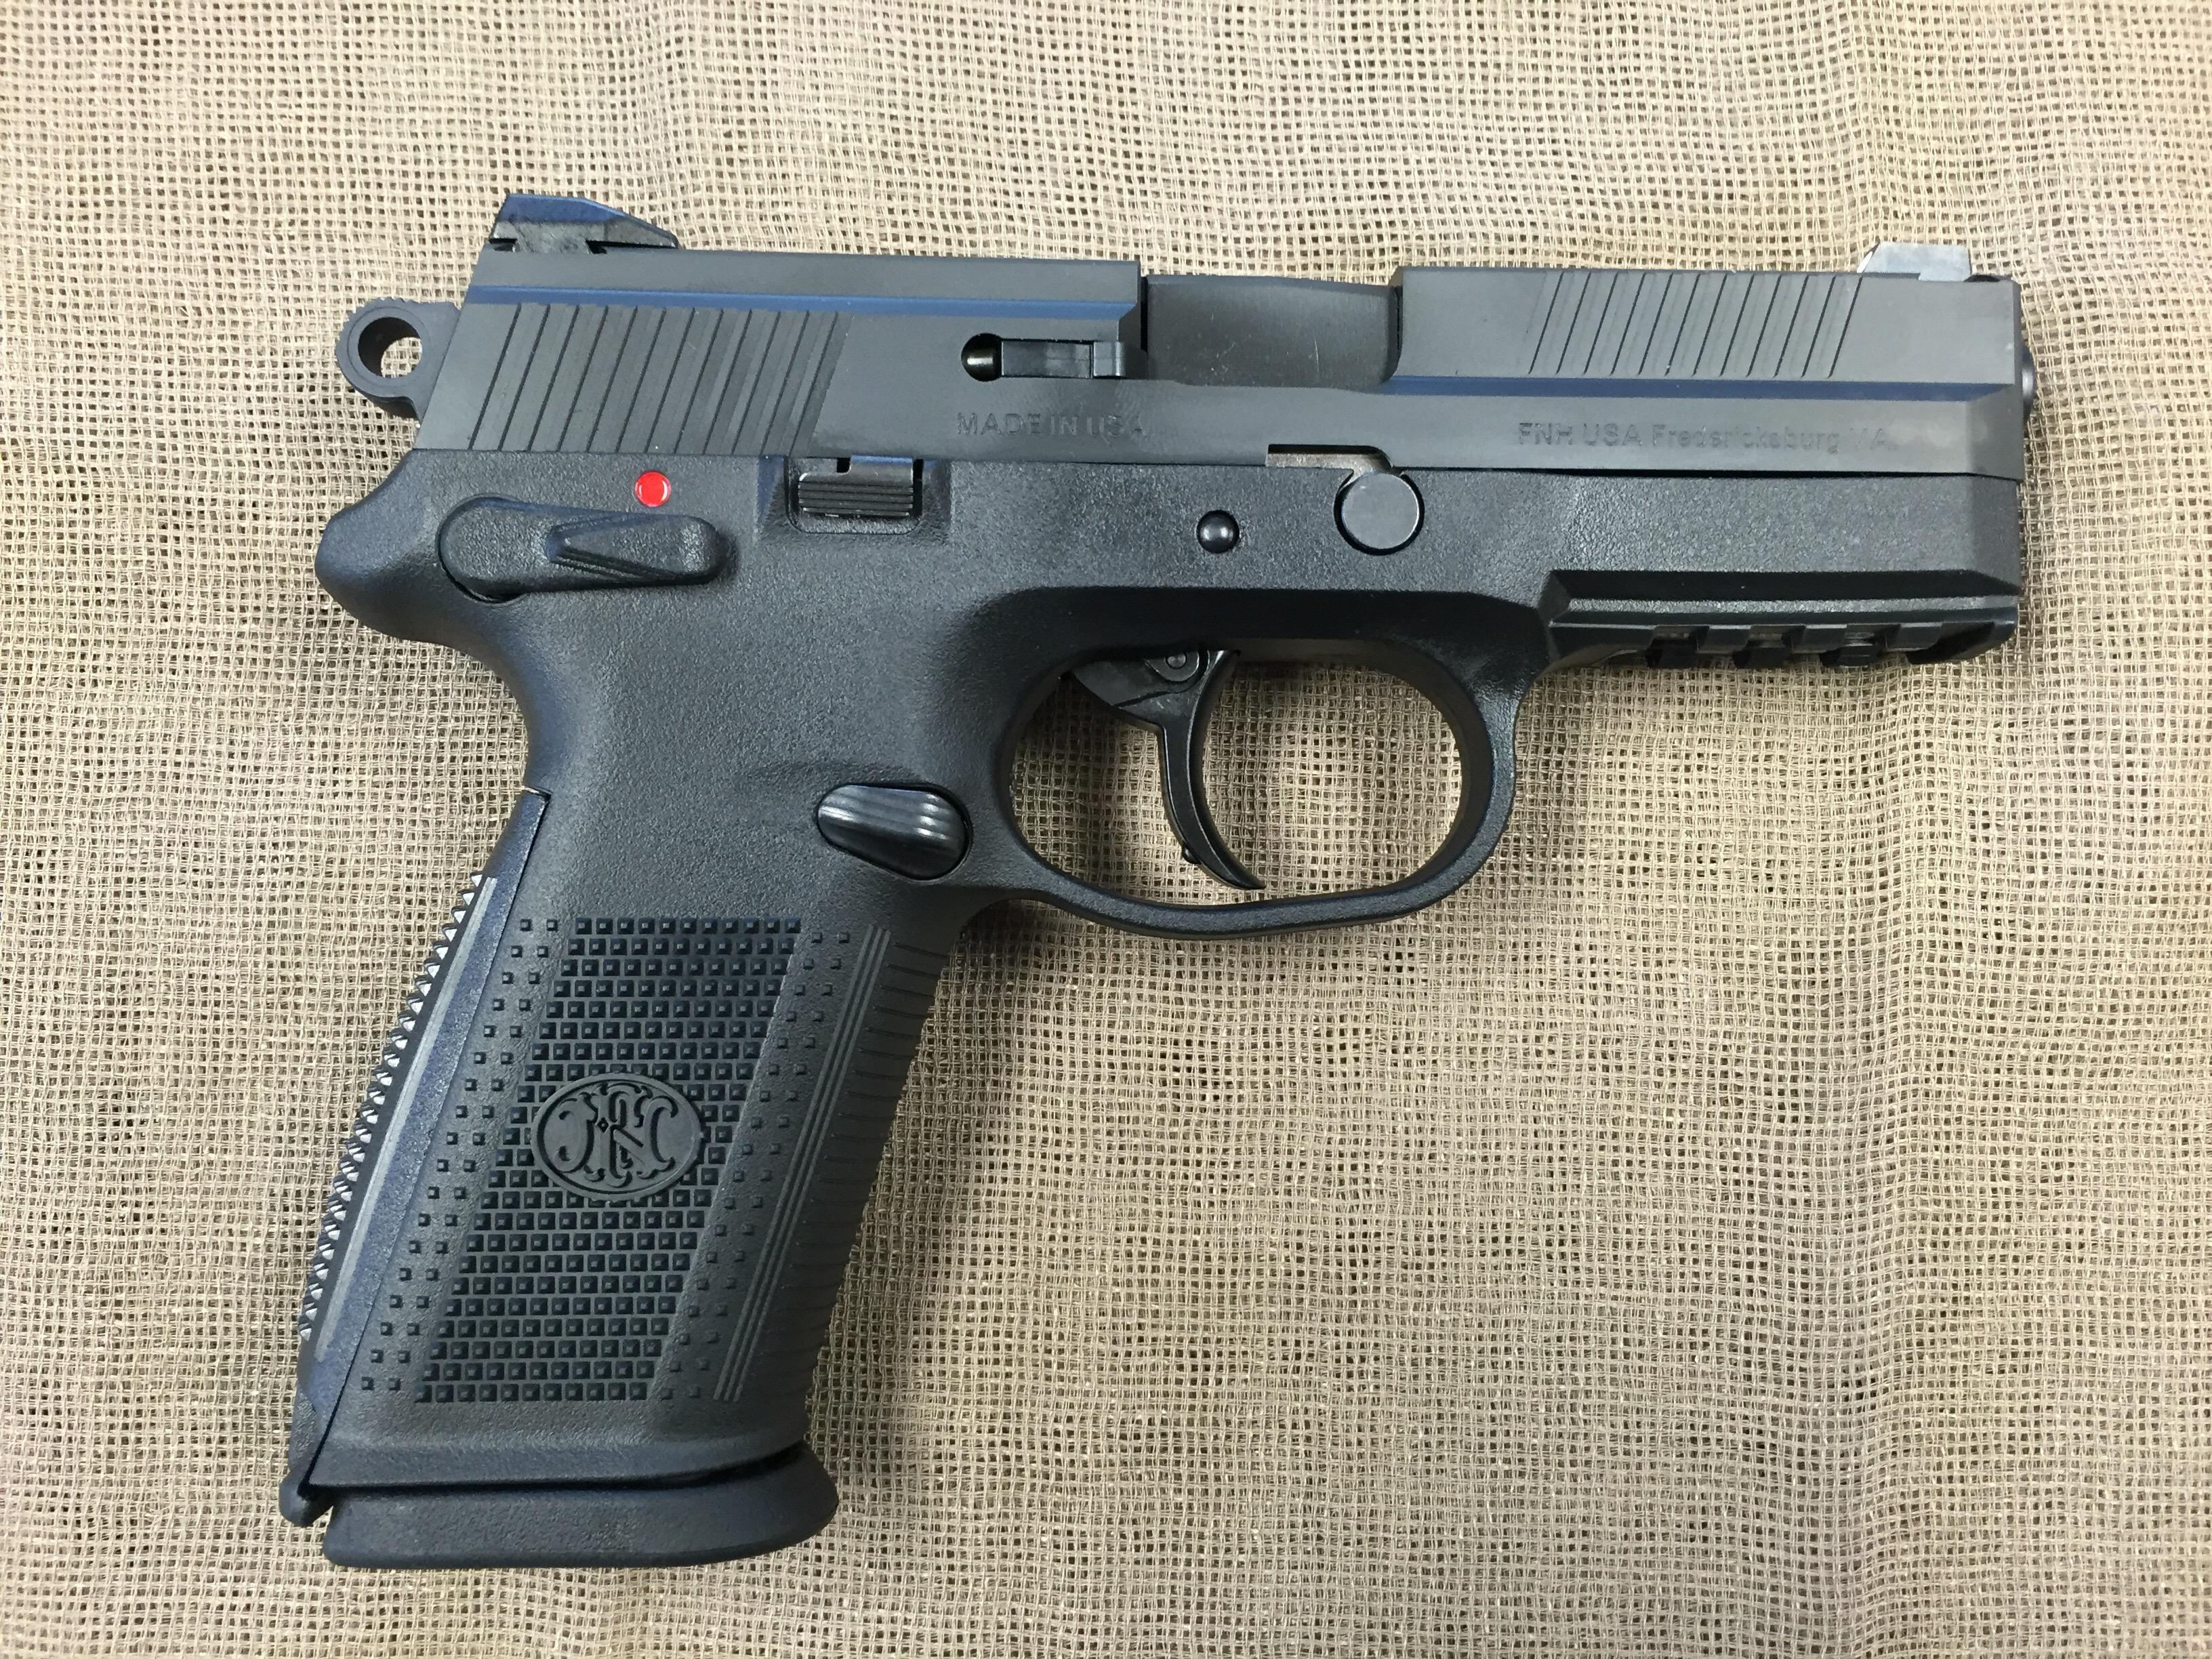 Fn Fnx 9 9mm Service Da Sa 4 Bbl Saddle Rock Armory